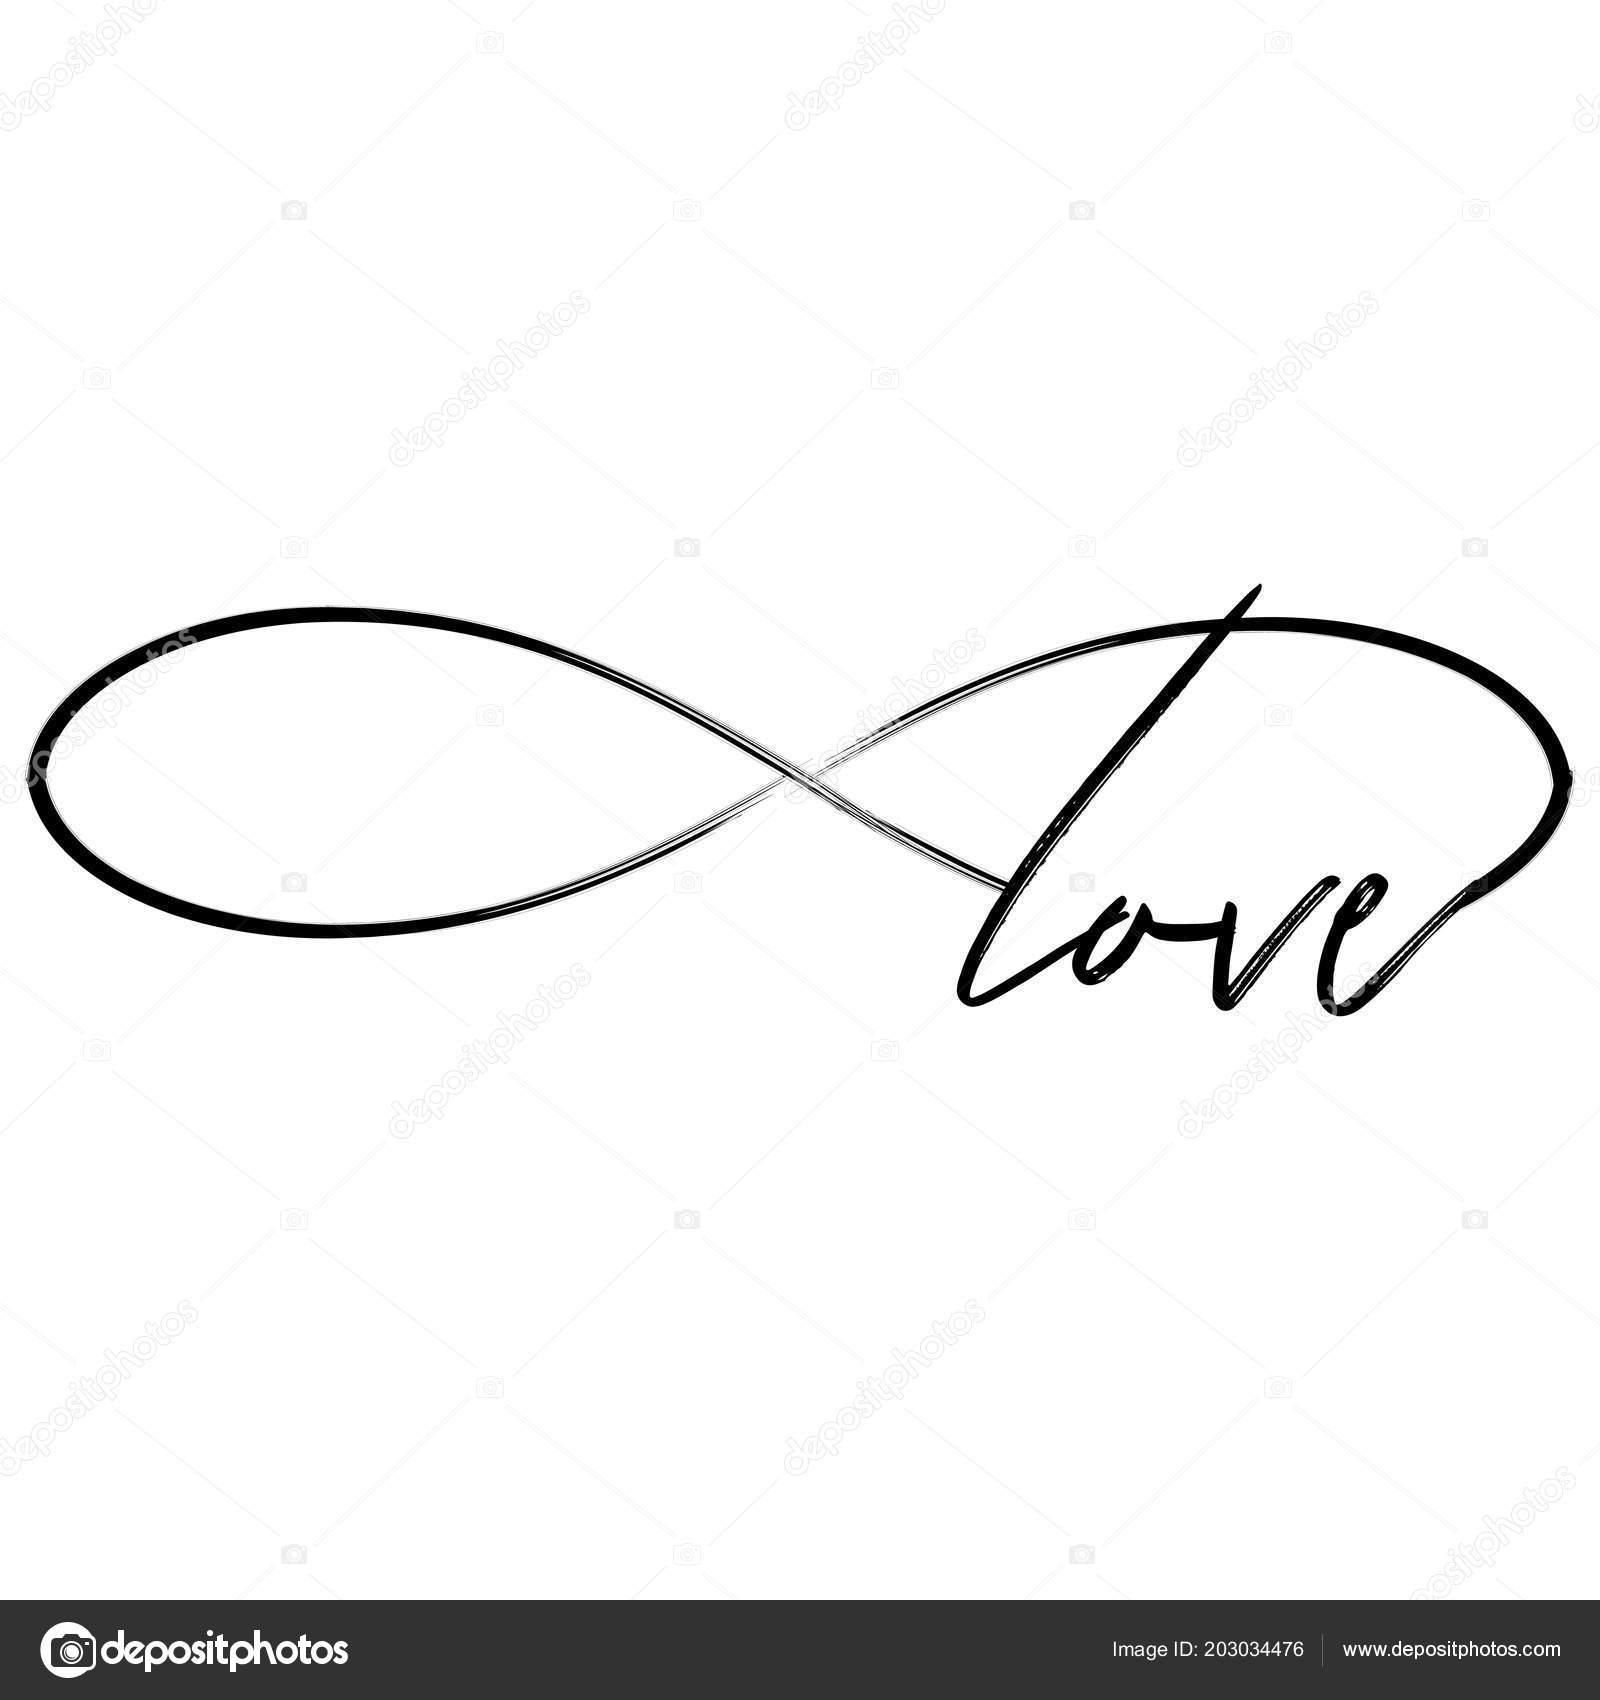 liebe der unendlichkeit form sch ne kalligraphie zitat schriftzug handgeschriebene tattoo. Black Bedroom Furniture Sets. Home Design Ideas